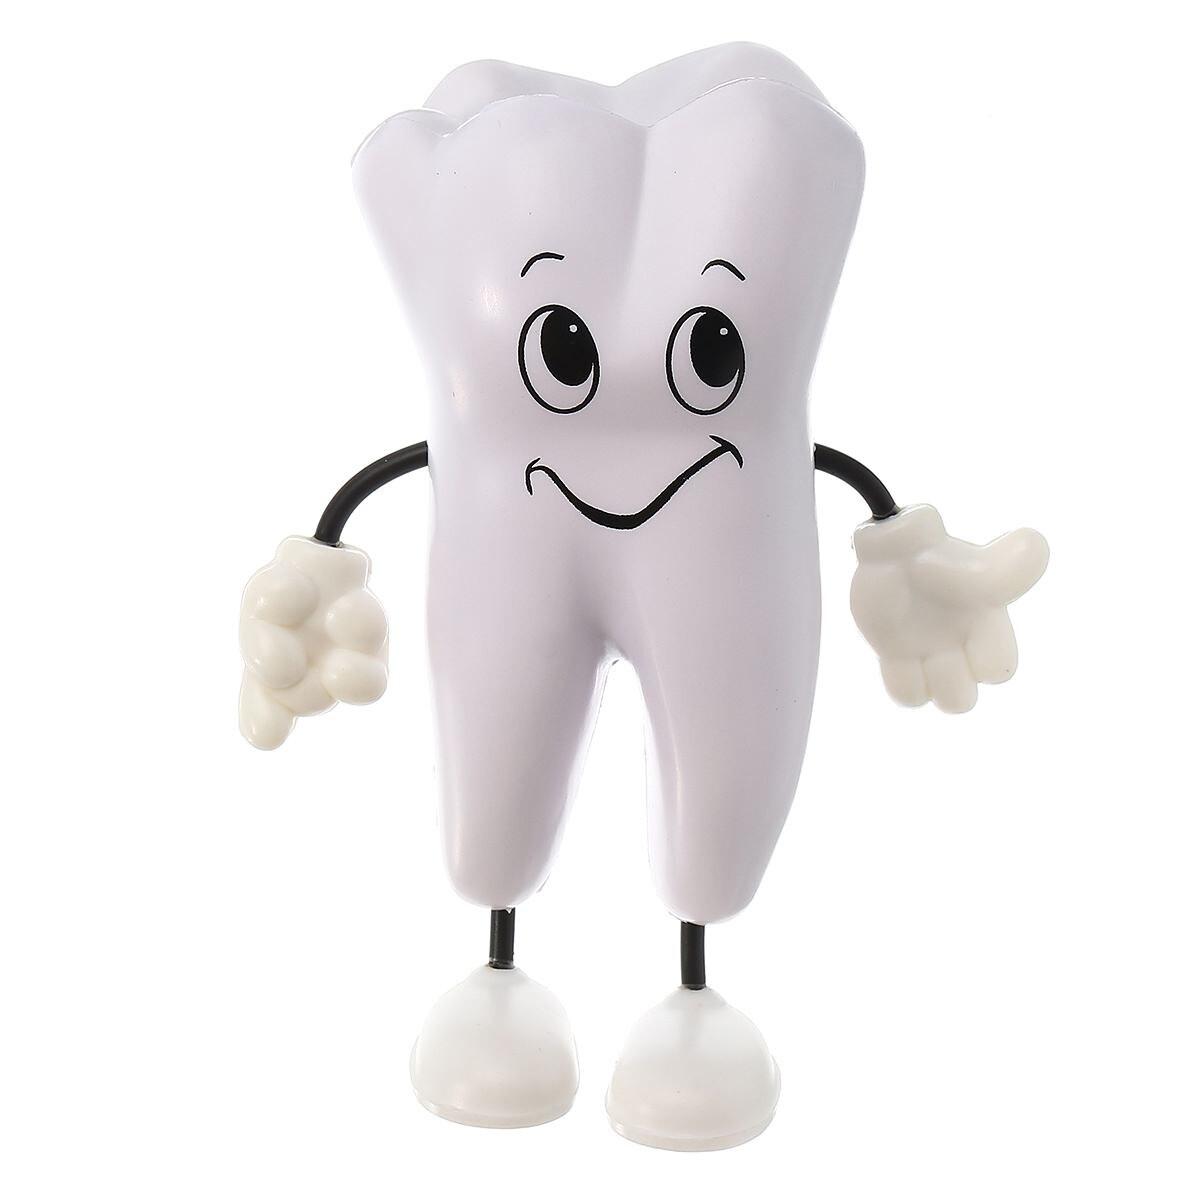 1 шт. игрушка для выдавливания зубов из мягкой пенополиуретановой пены в форме зуба Kawaii стоматологическая клиника стоматология рекламный товар подарок для стоматолога